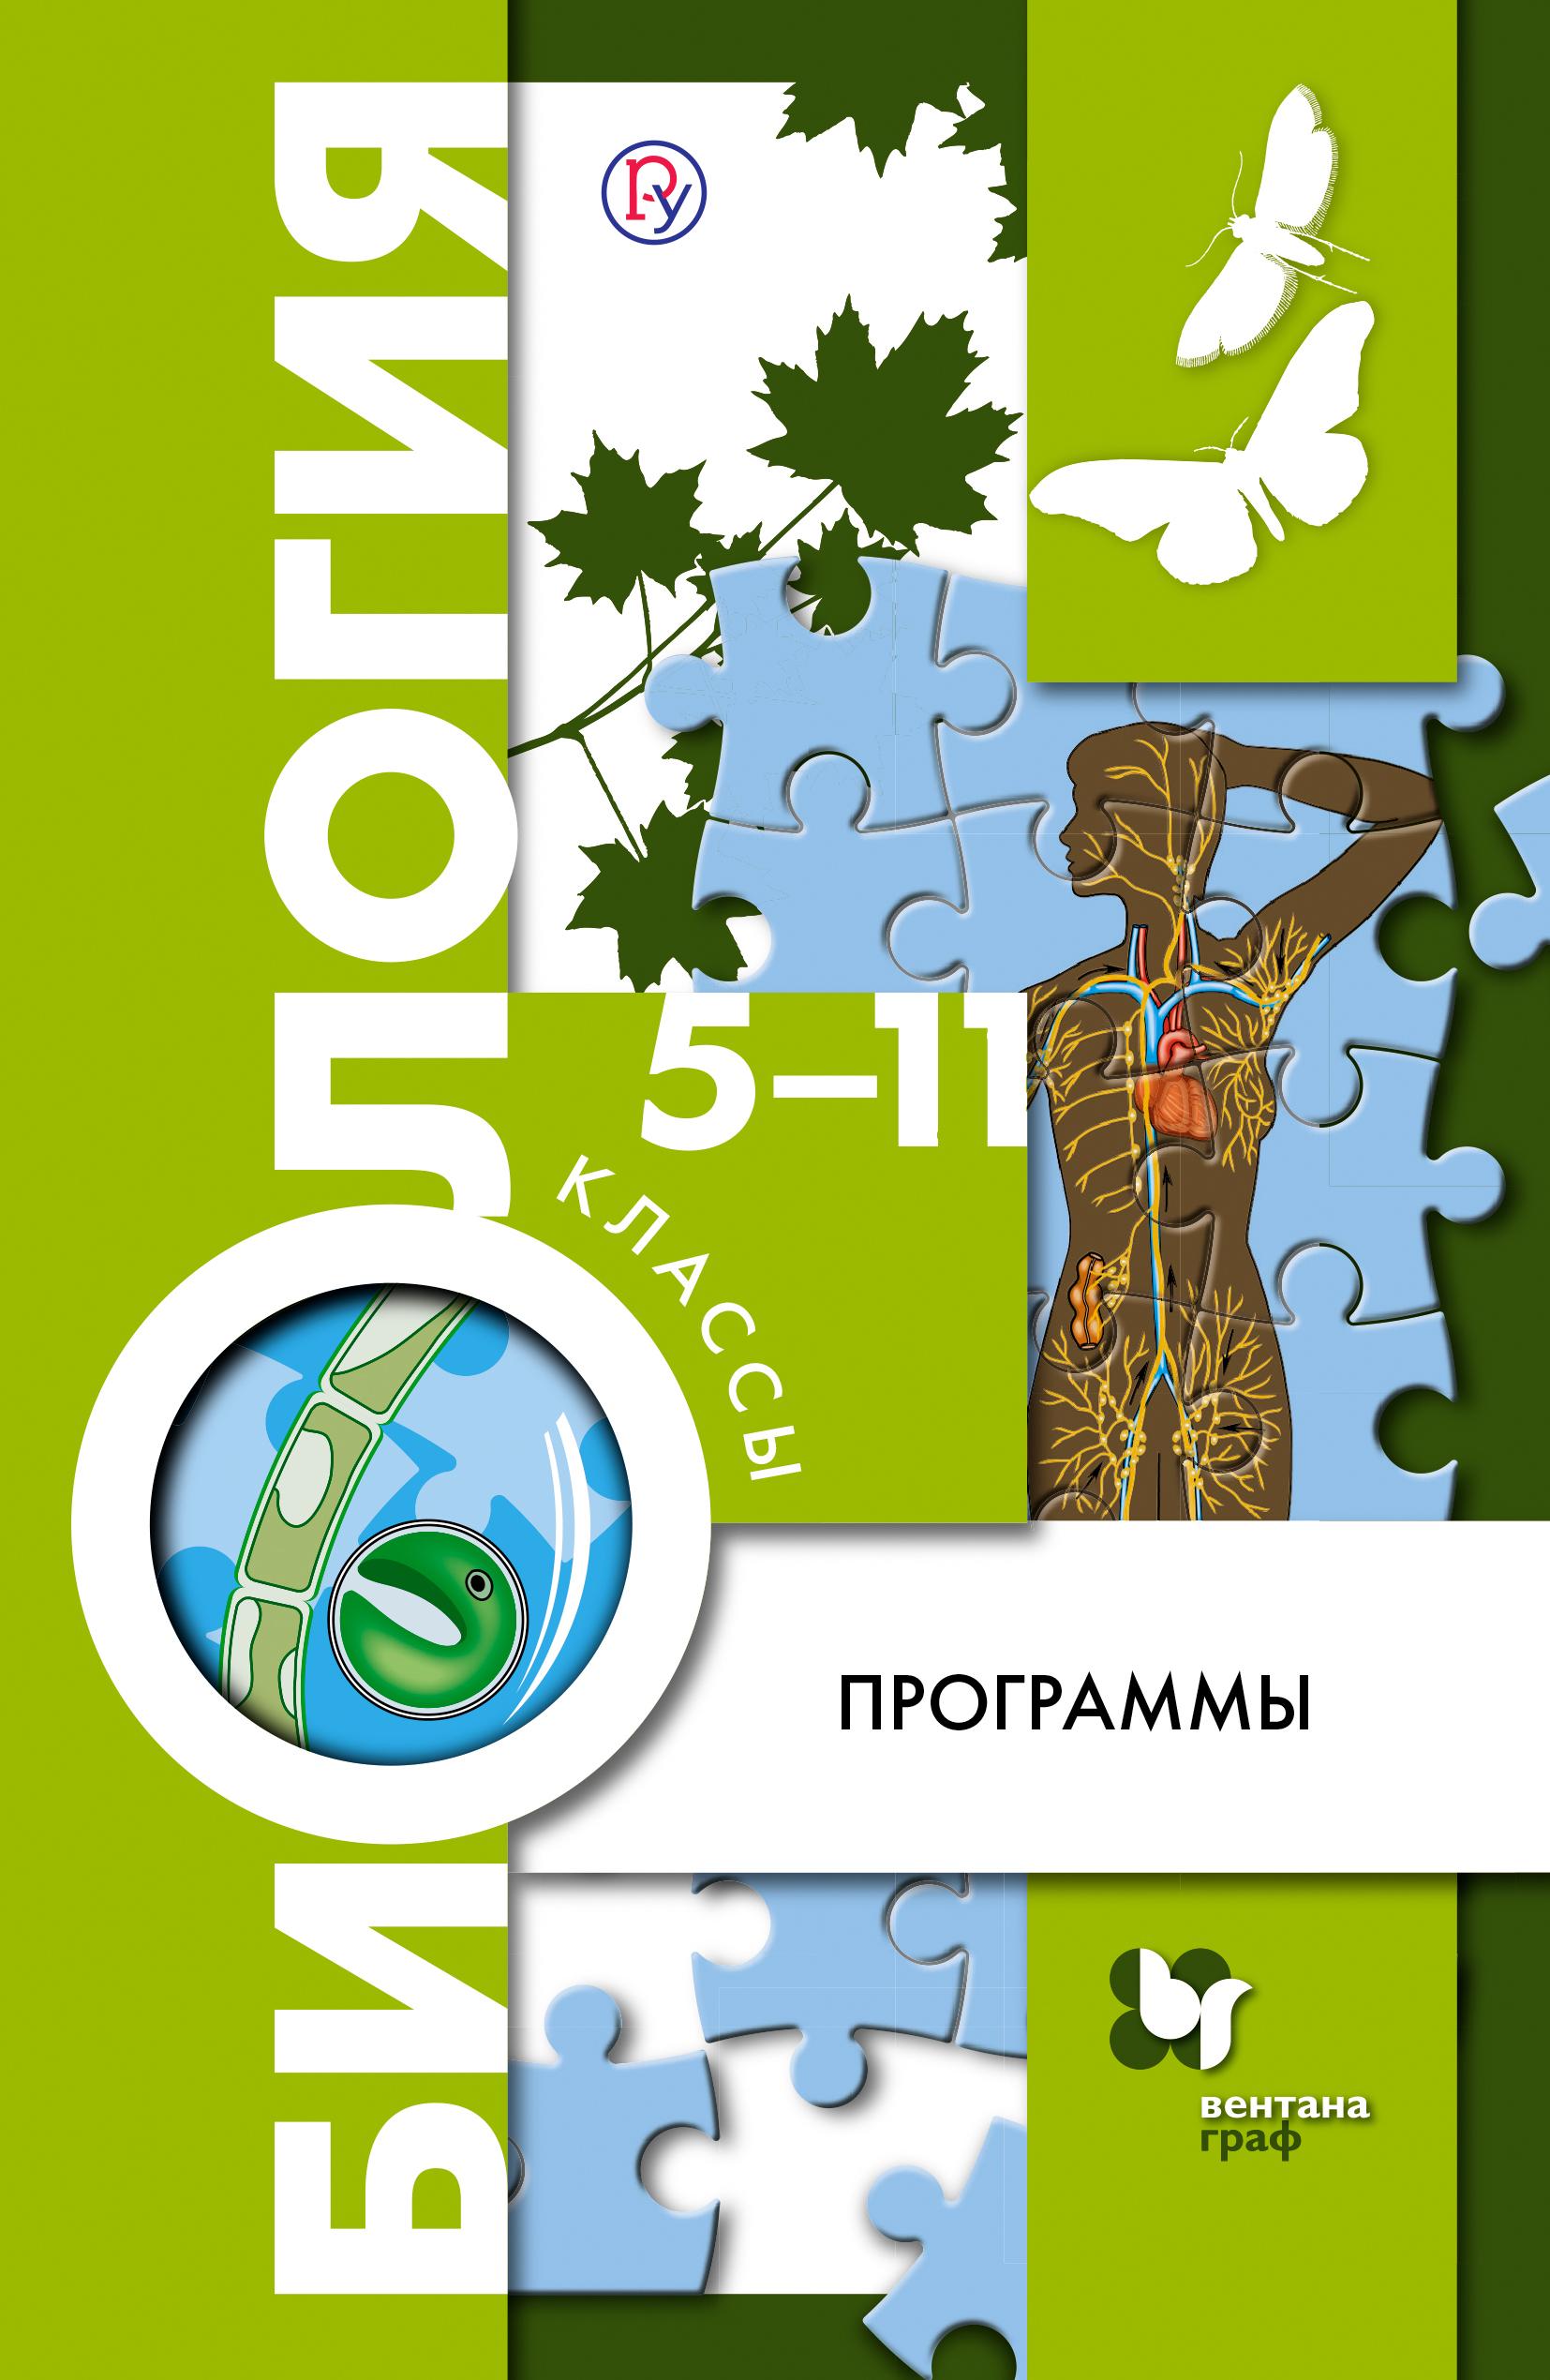 Биология. 5-11 классы. Программы (с CD-диском) от book24.ru